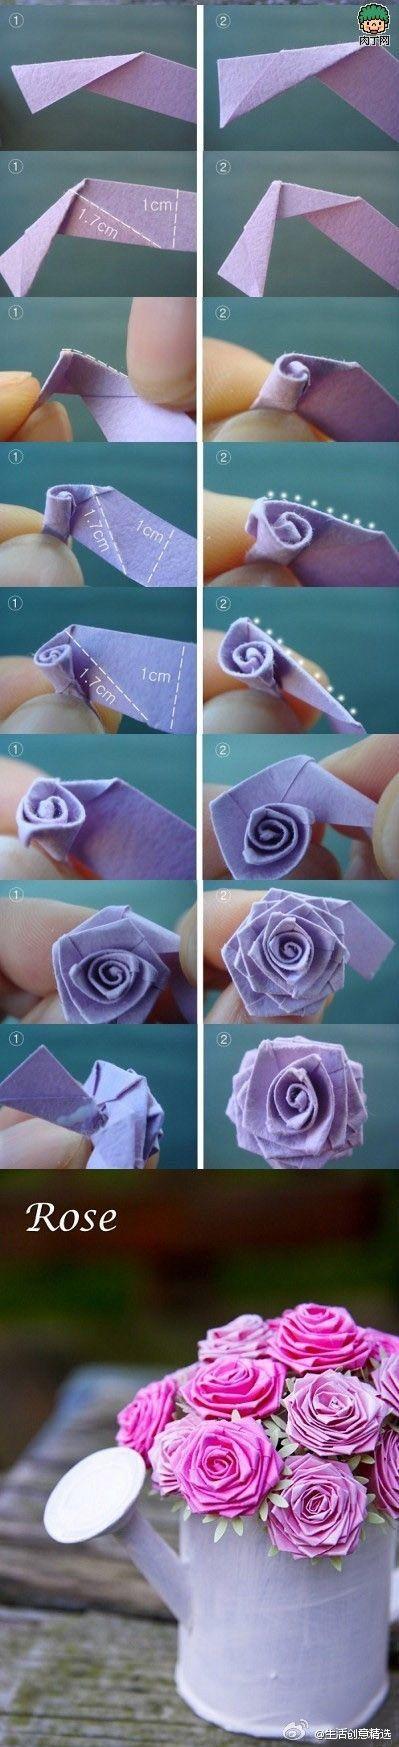 DIY paper rose flower origami